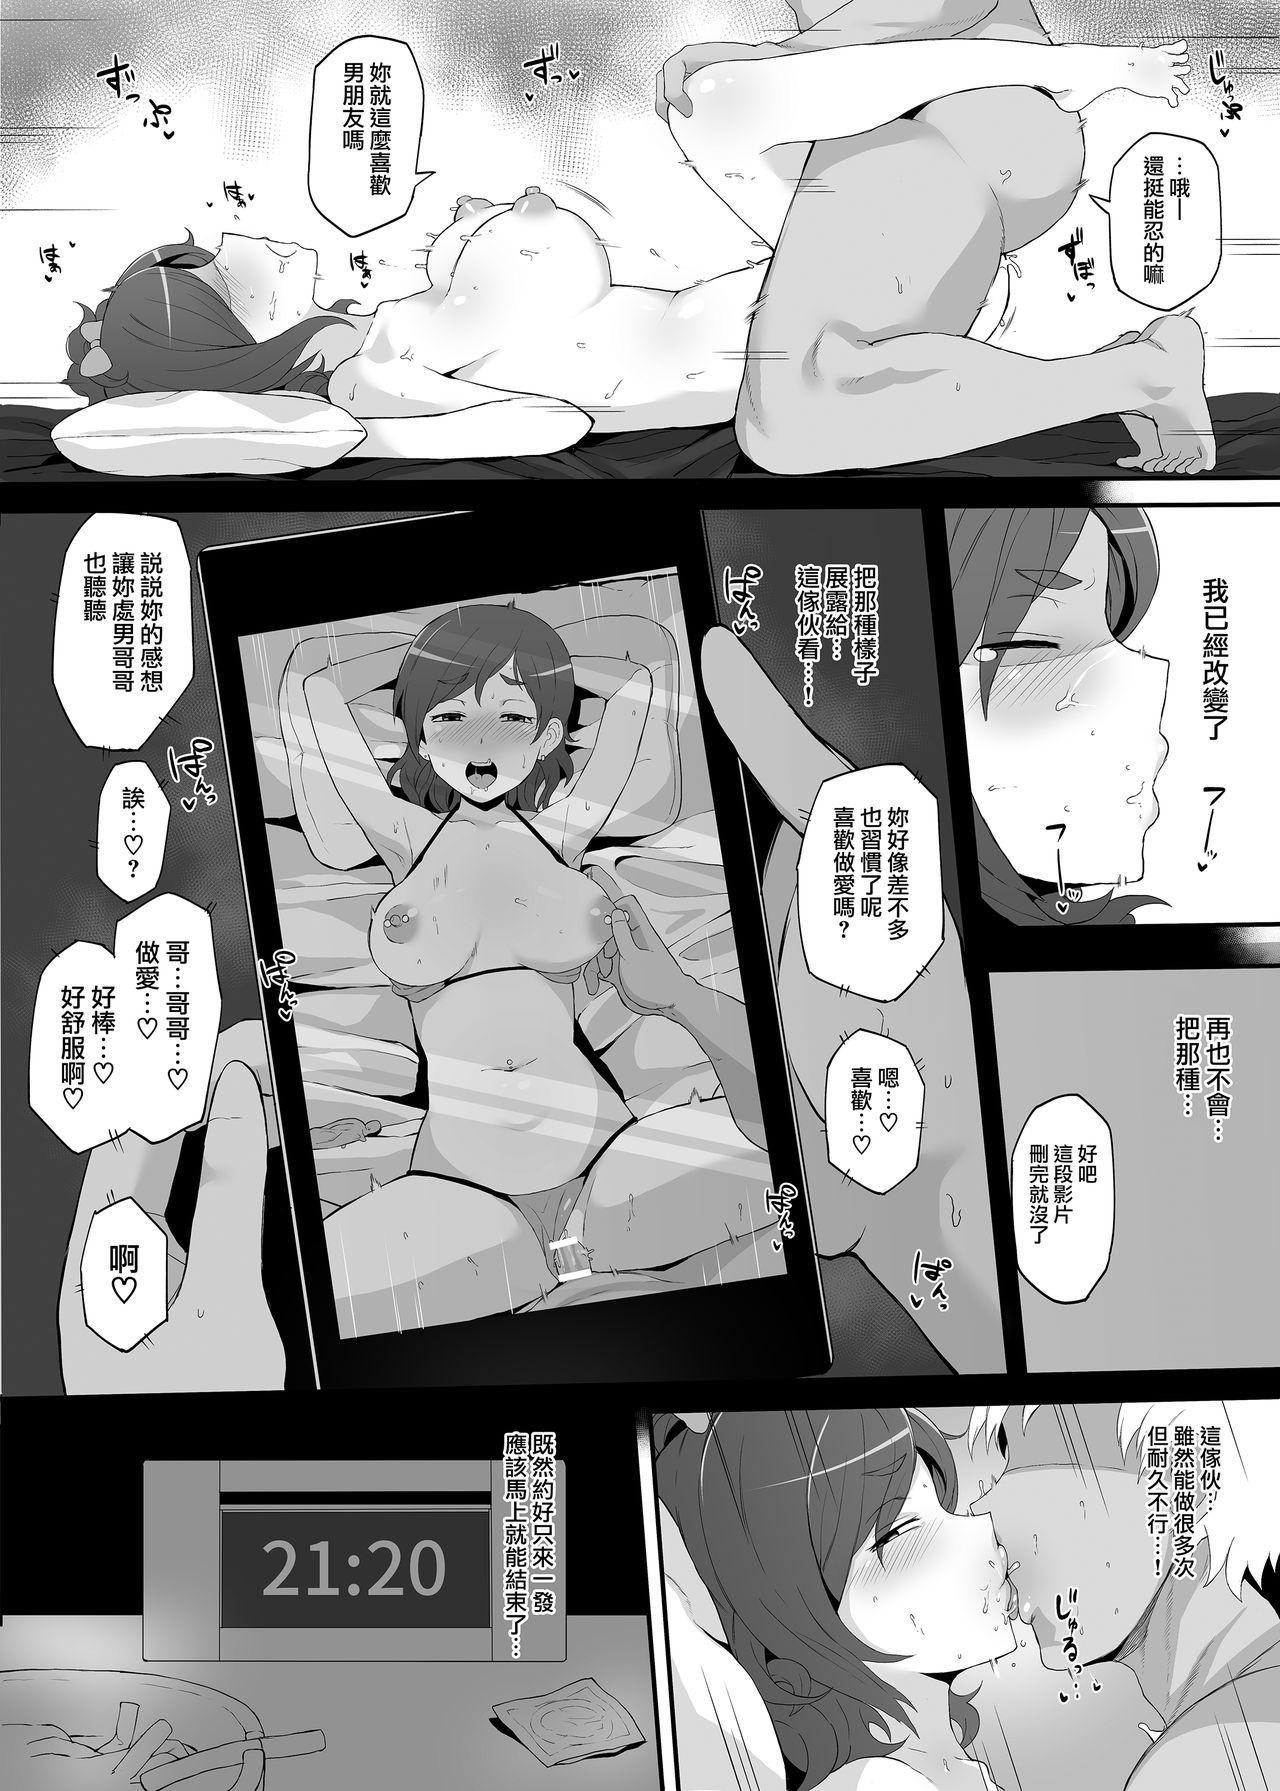 Netorare Ibe Kiba Shizuka 12